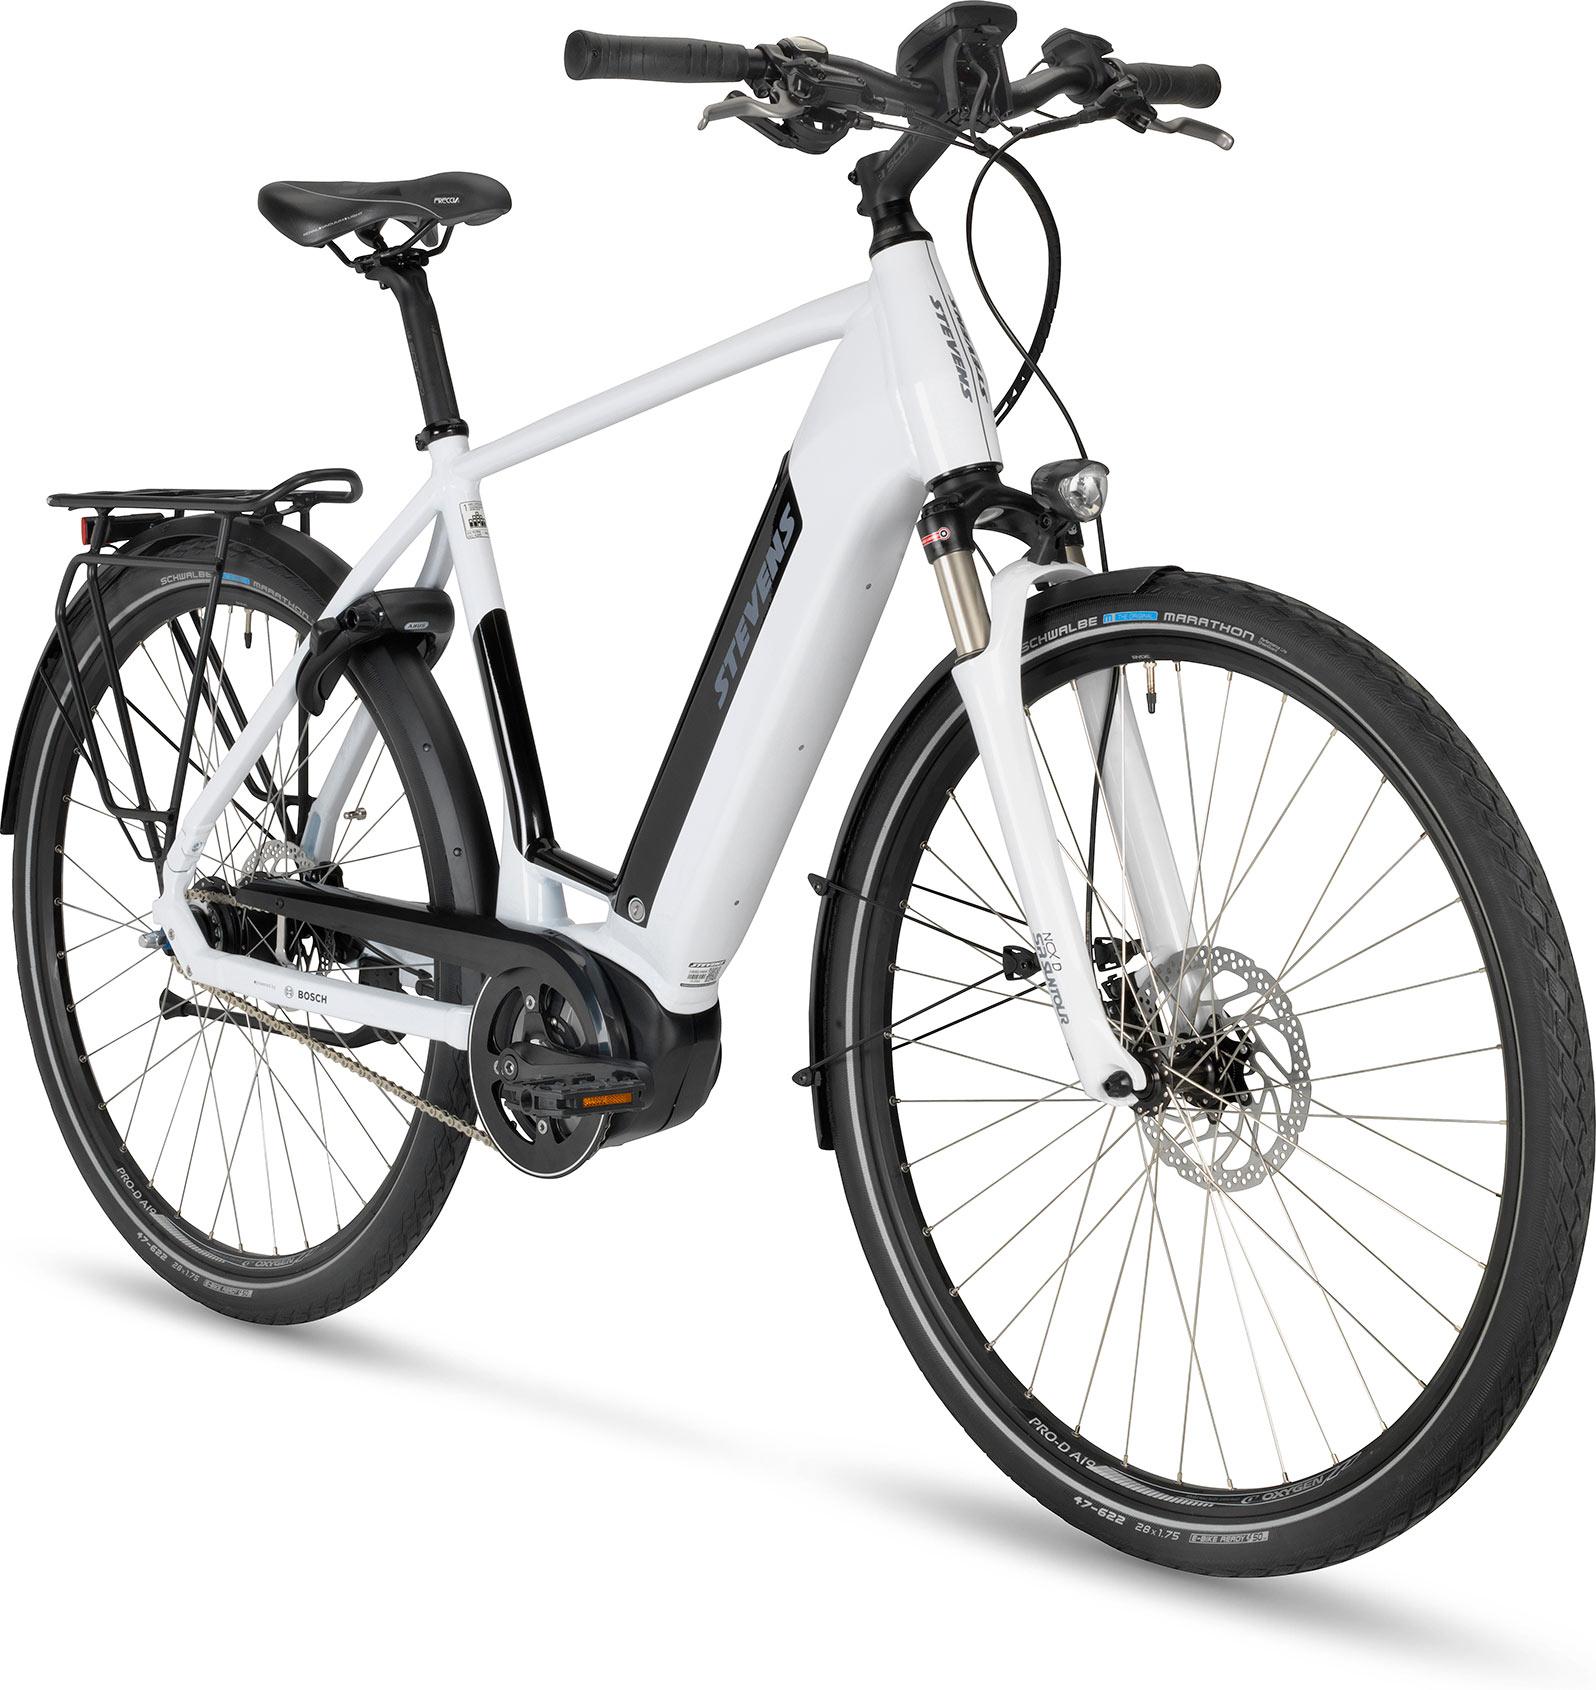 e courier pt5 gent stevens bikes 2018. Black Bedroom Furniture Sets. Home Design Ideas